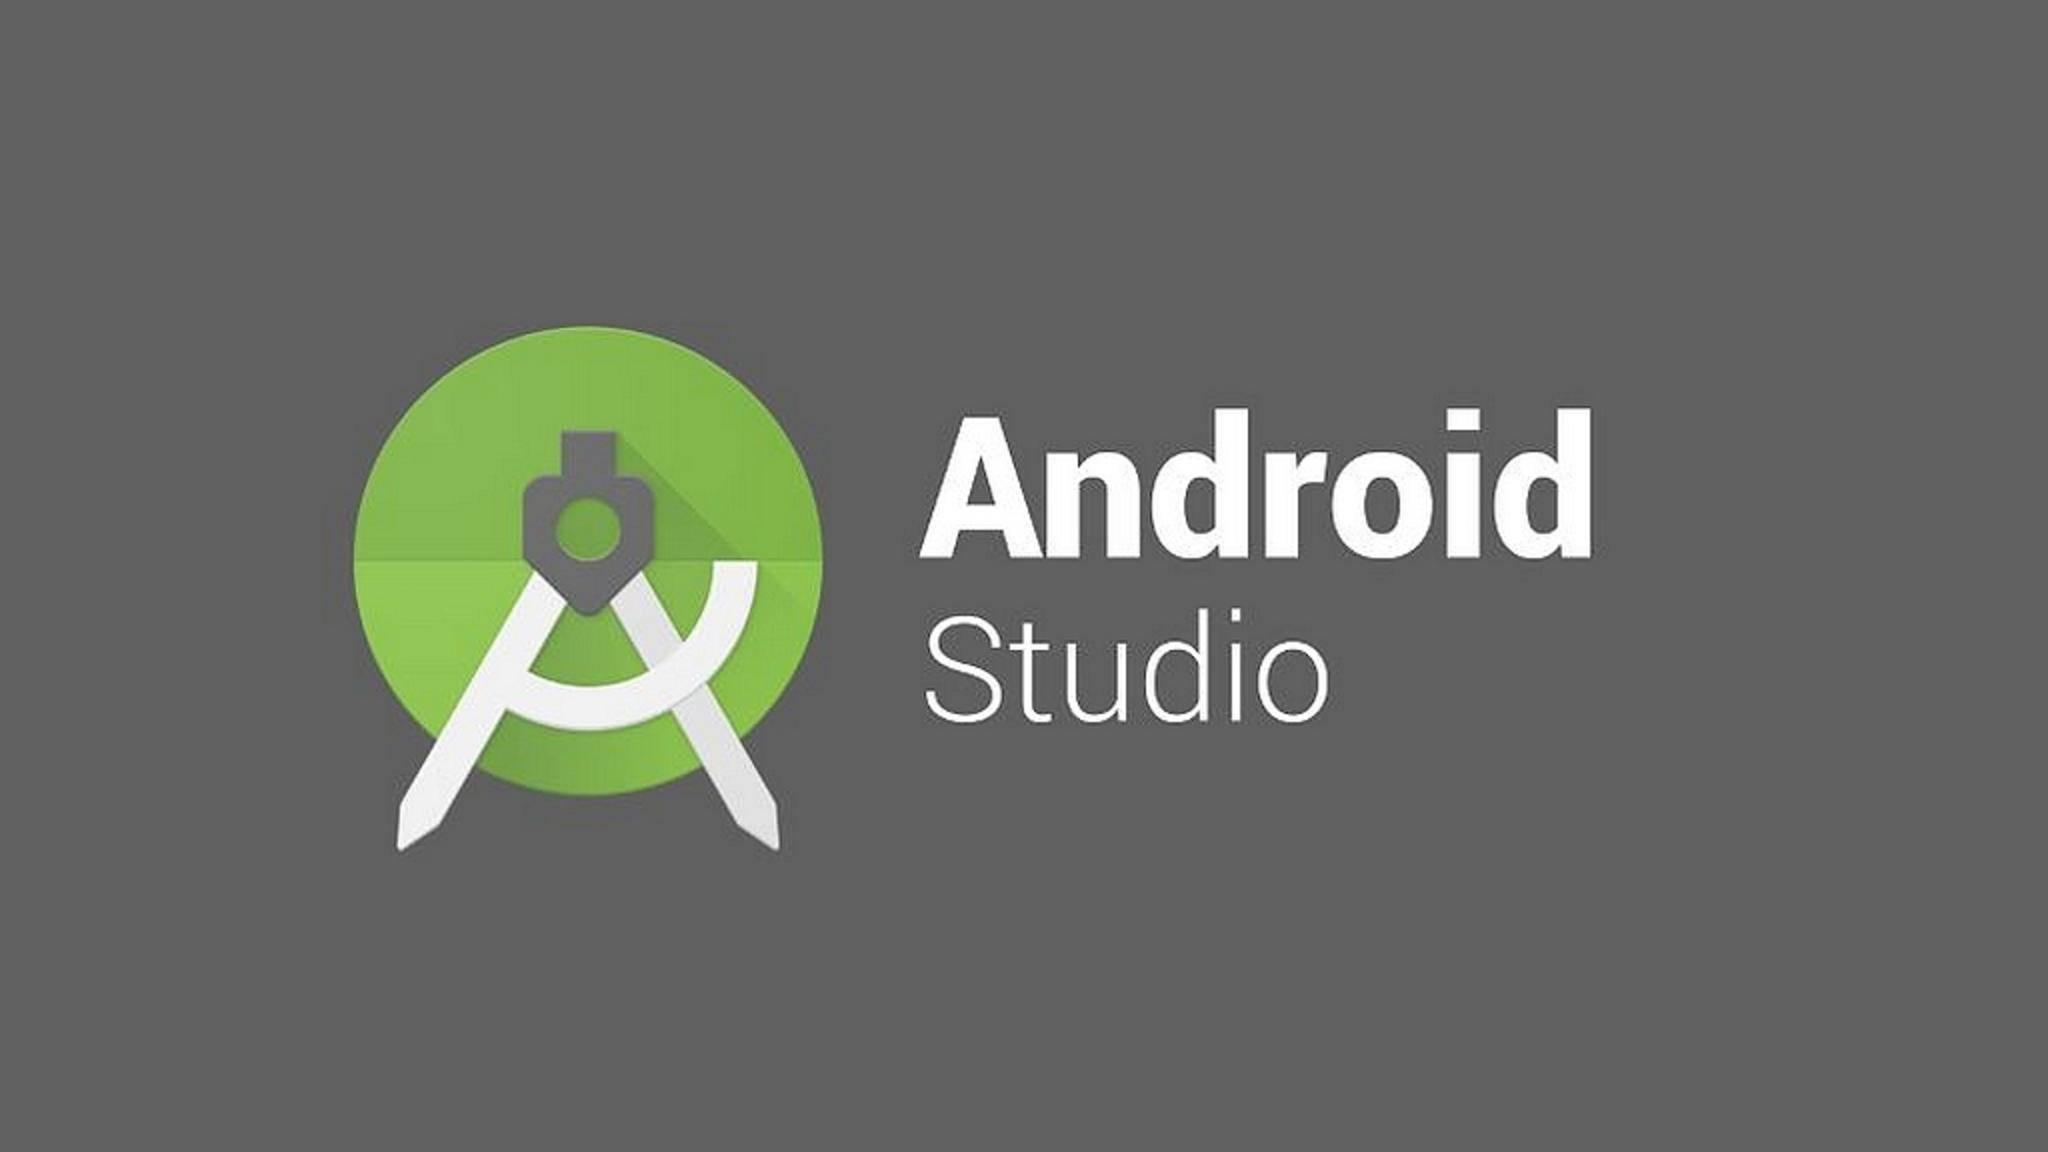 Mit Android Studio lässt sich Android 8 auf dem Desktop simulieren.